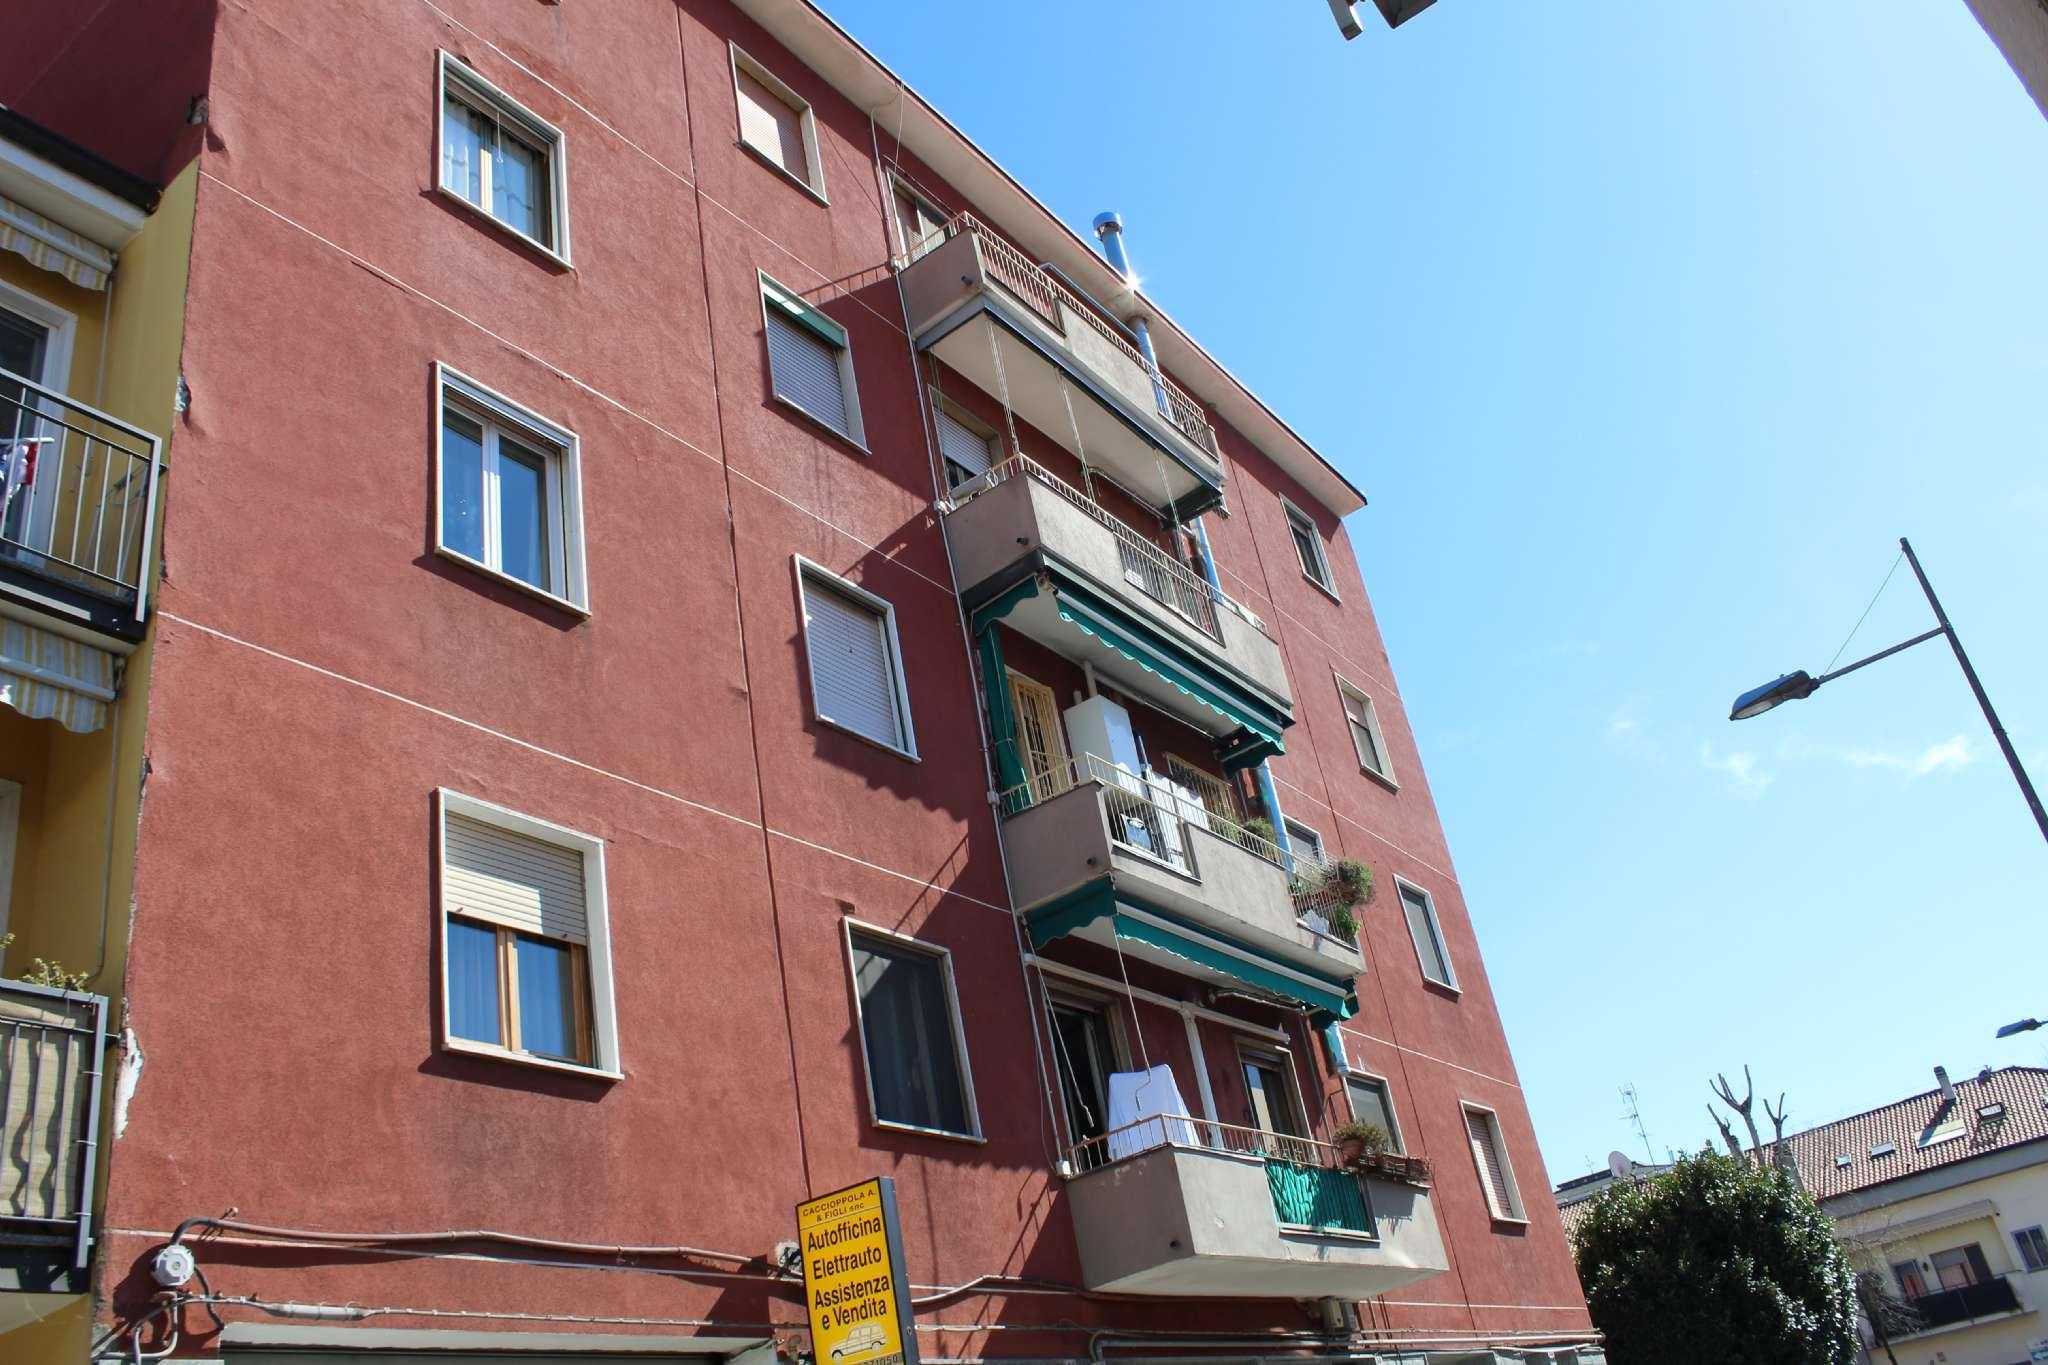 Appartamento in vendita a San Donato Milanese, 3 locali, prezzo € 85.000 | CambioCasa.it